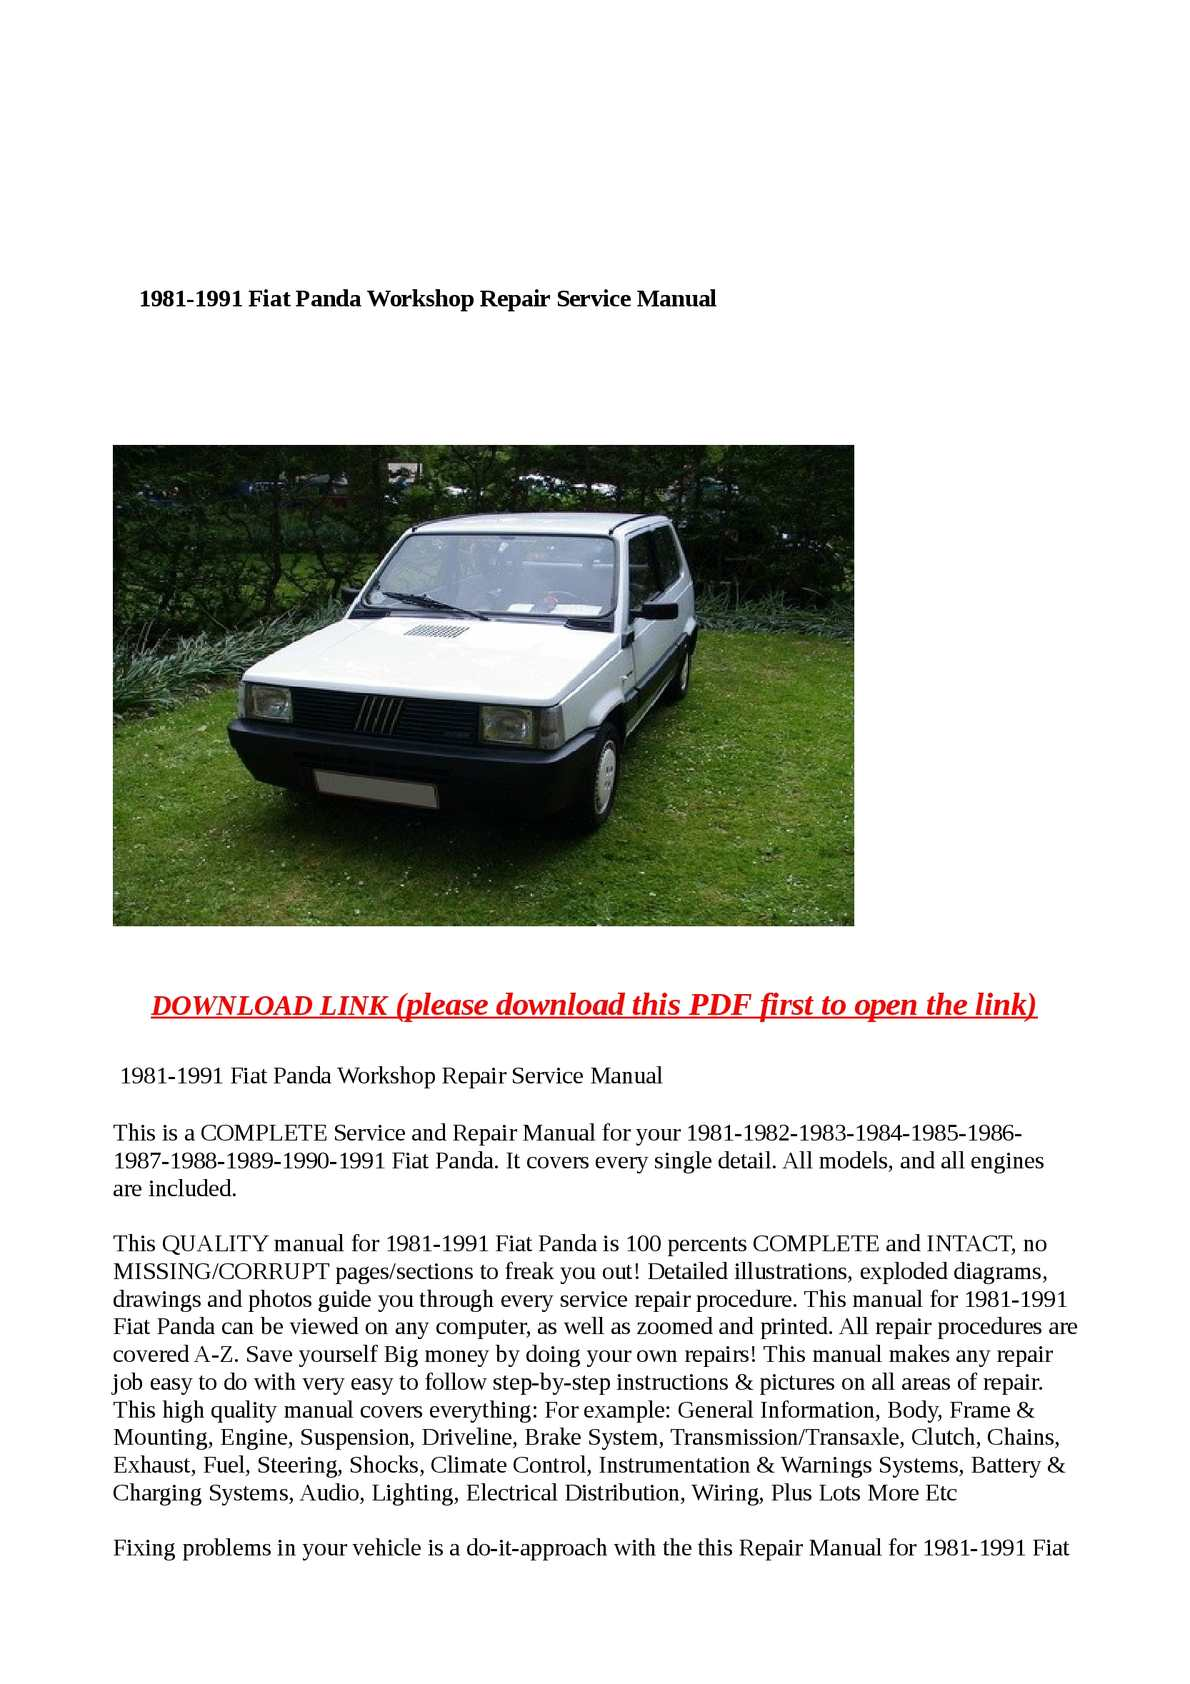 Calamo 1981 1991 Fiat Panda Workshop Repair Service Manual Hyundai Pony Wiring Diagram